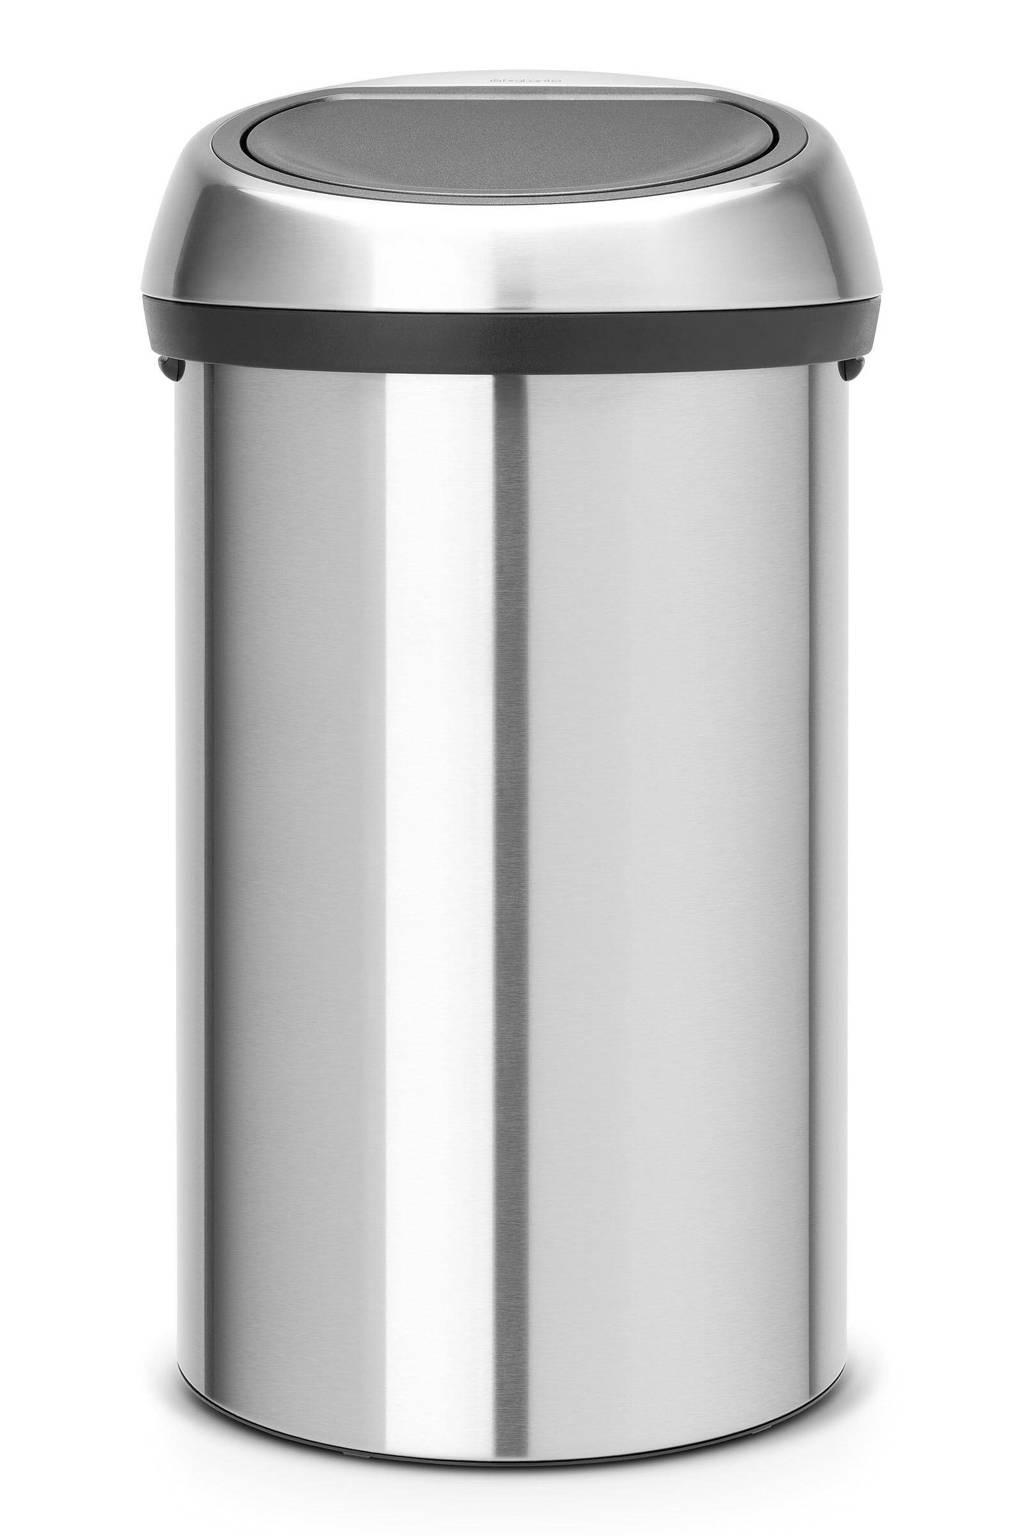 Brabantia Touch Bin 60 liter prullenbak, Staal